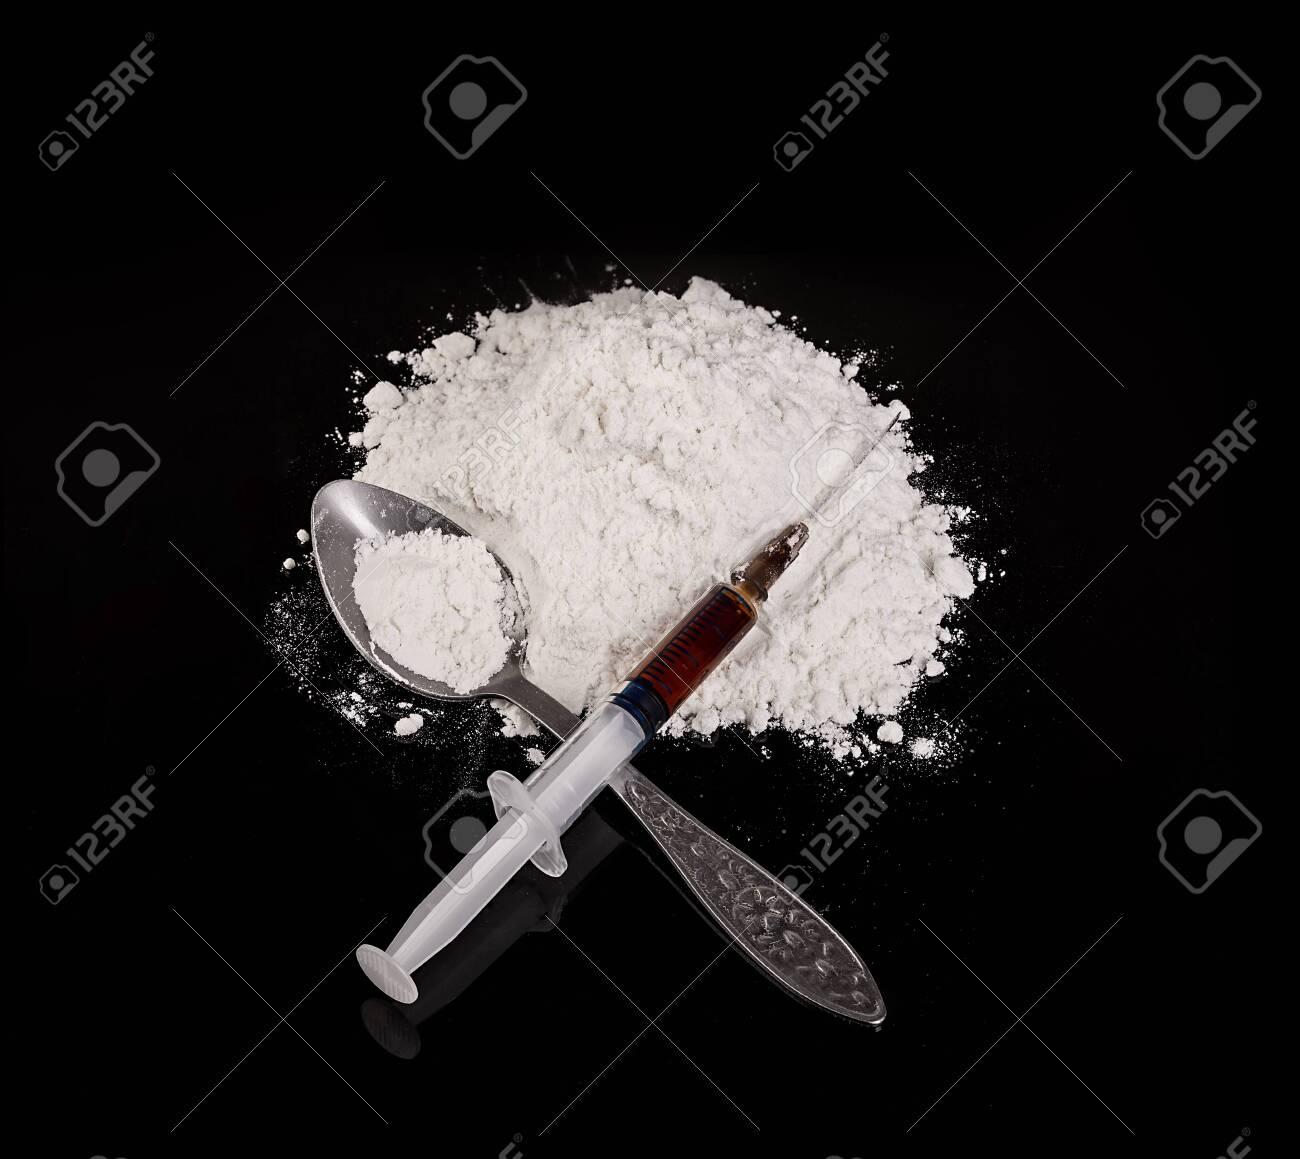 Drug powder, drug syringe and drug on spoon close-up on a black background. - 126197518